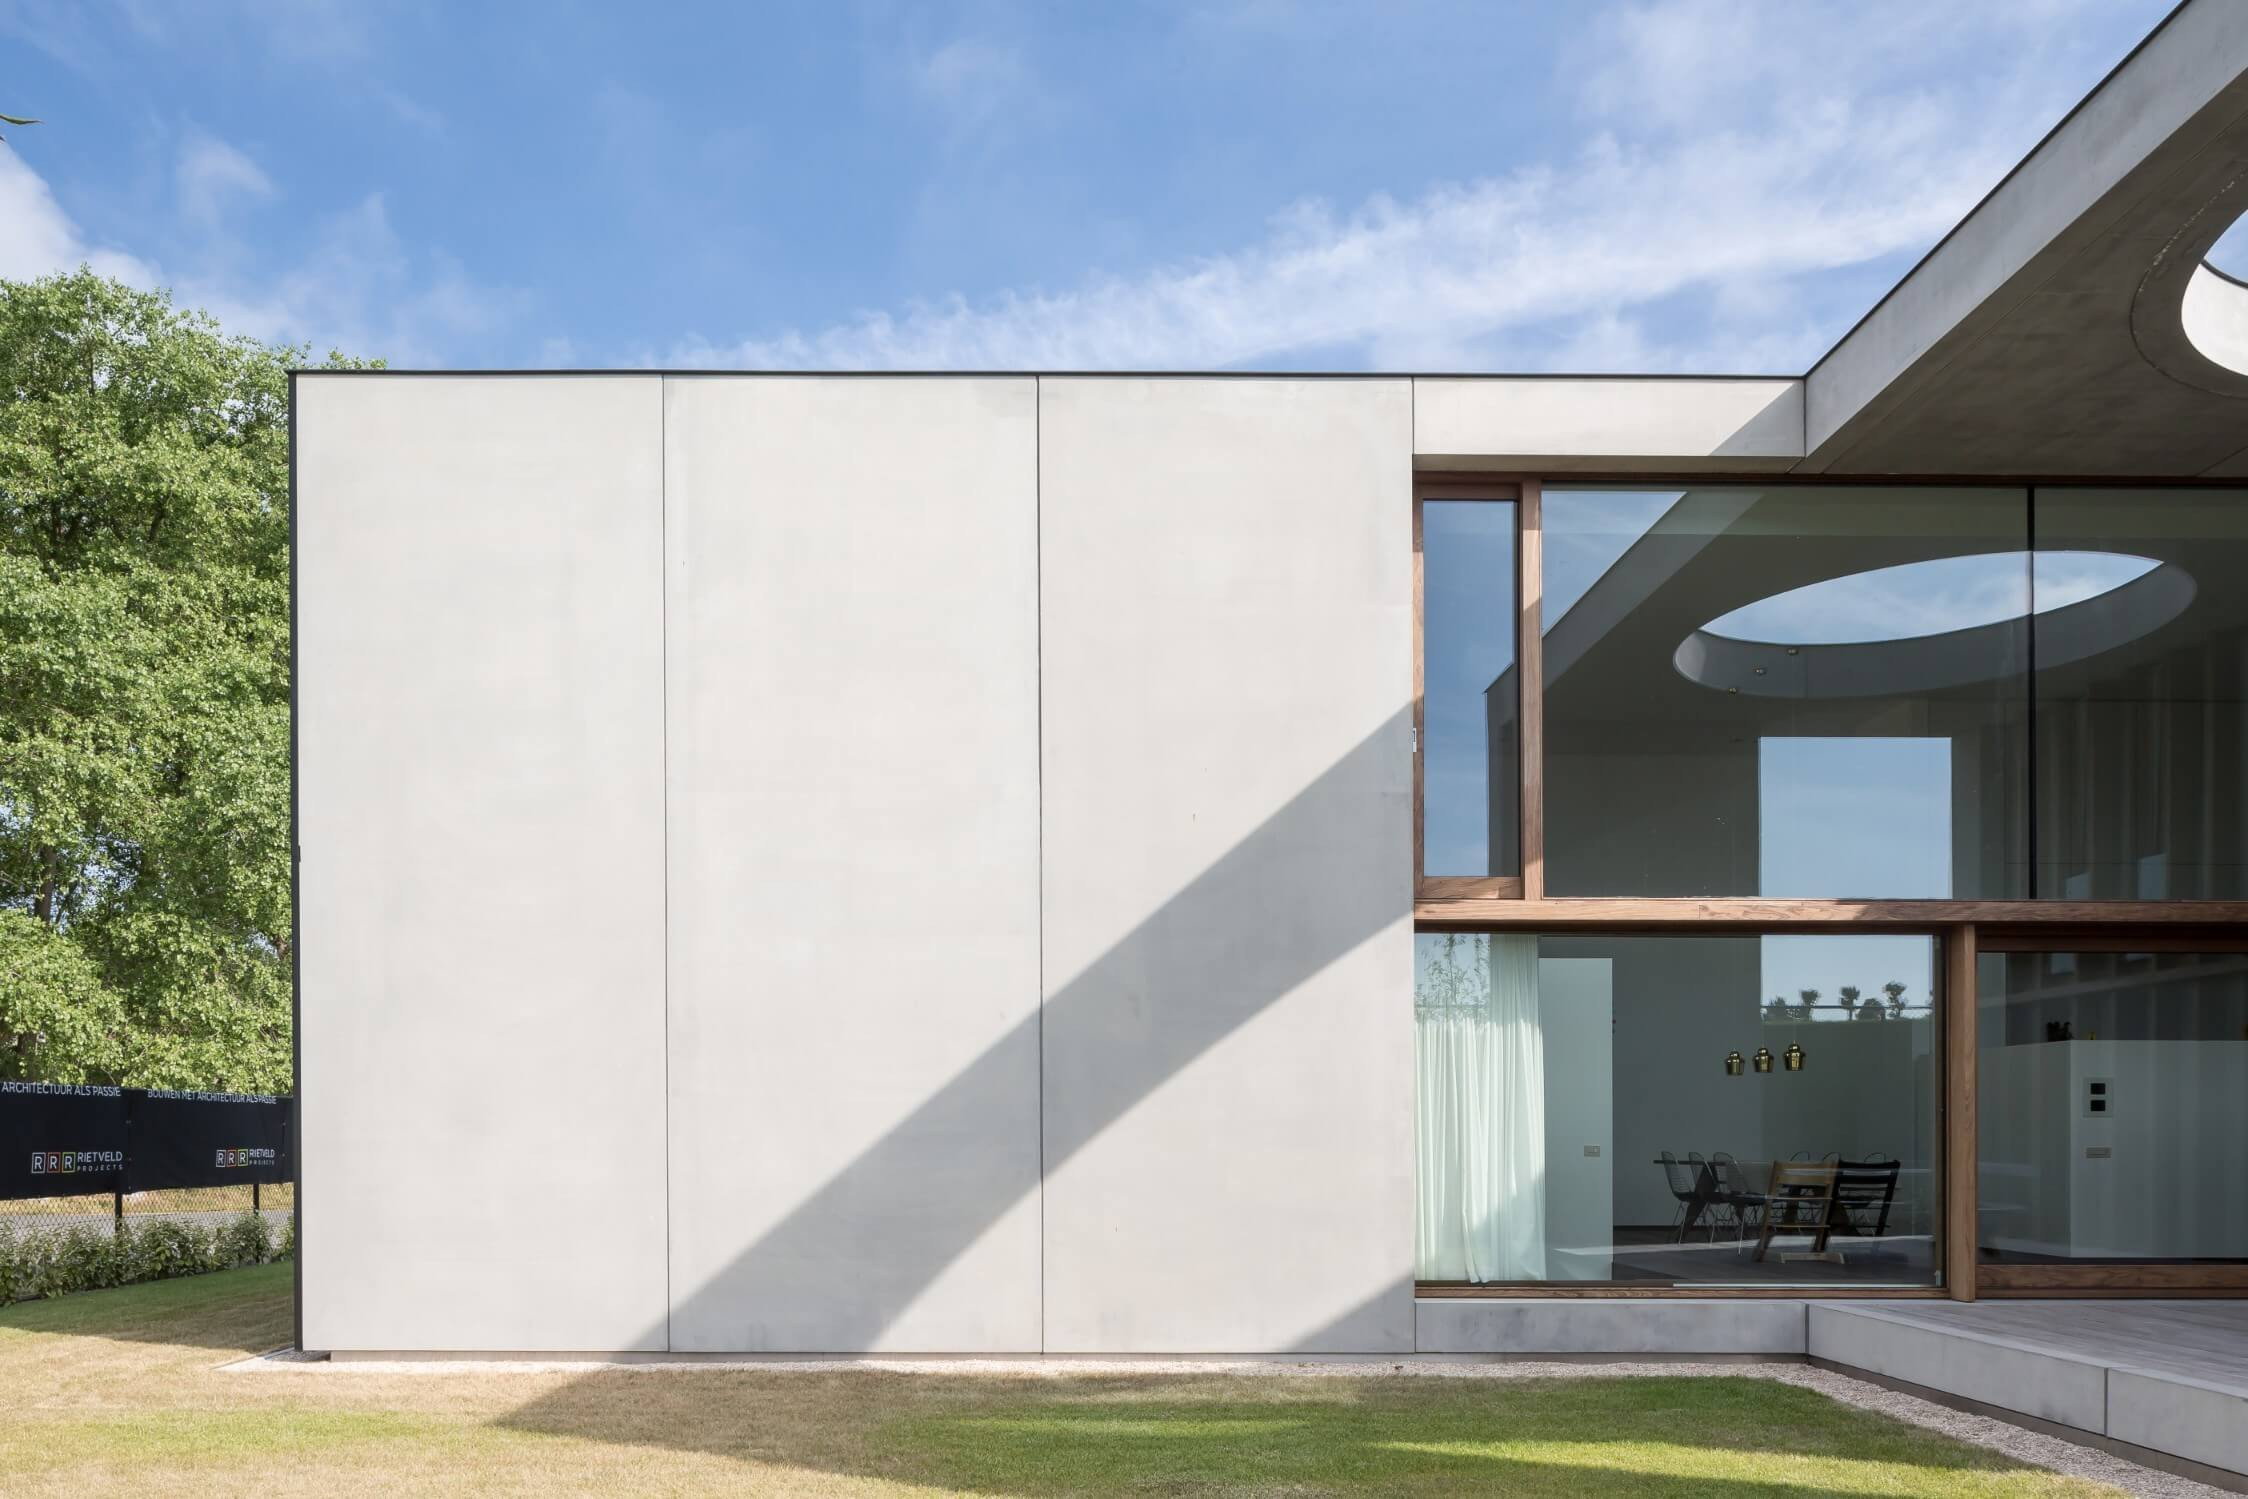 Rietveldprojects.be-HouseMC-villa-design-architectuur-kust14.jpg